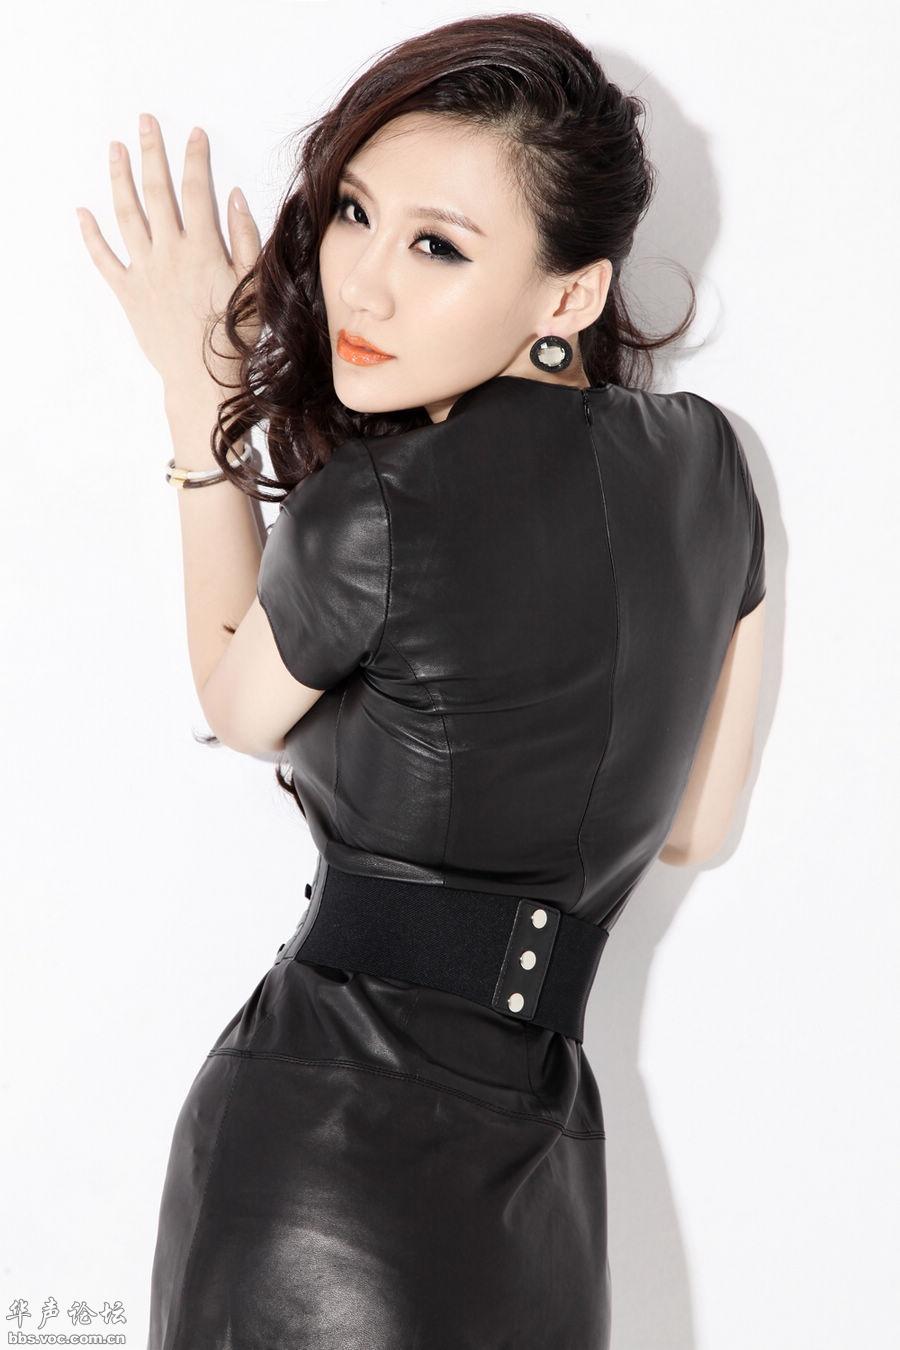 陈馨宇黑色紧身皮衣魅力写真 - 美女贴图 - 华声